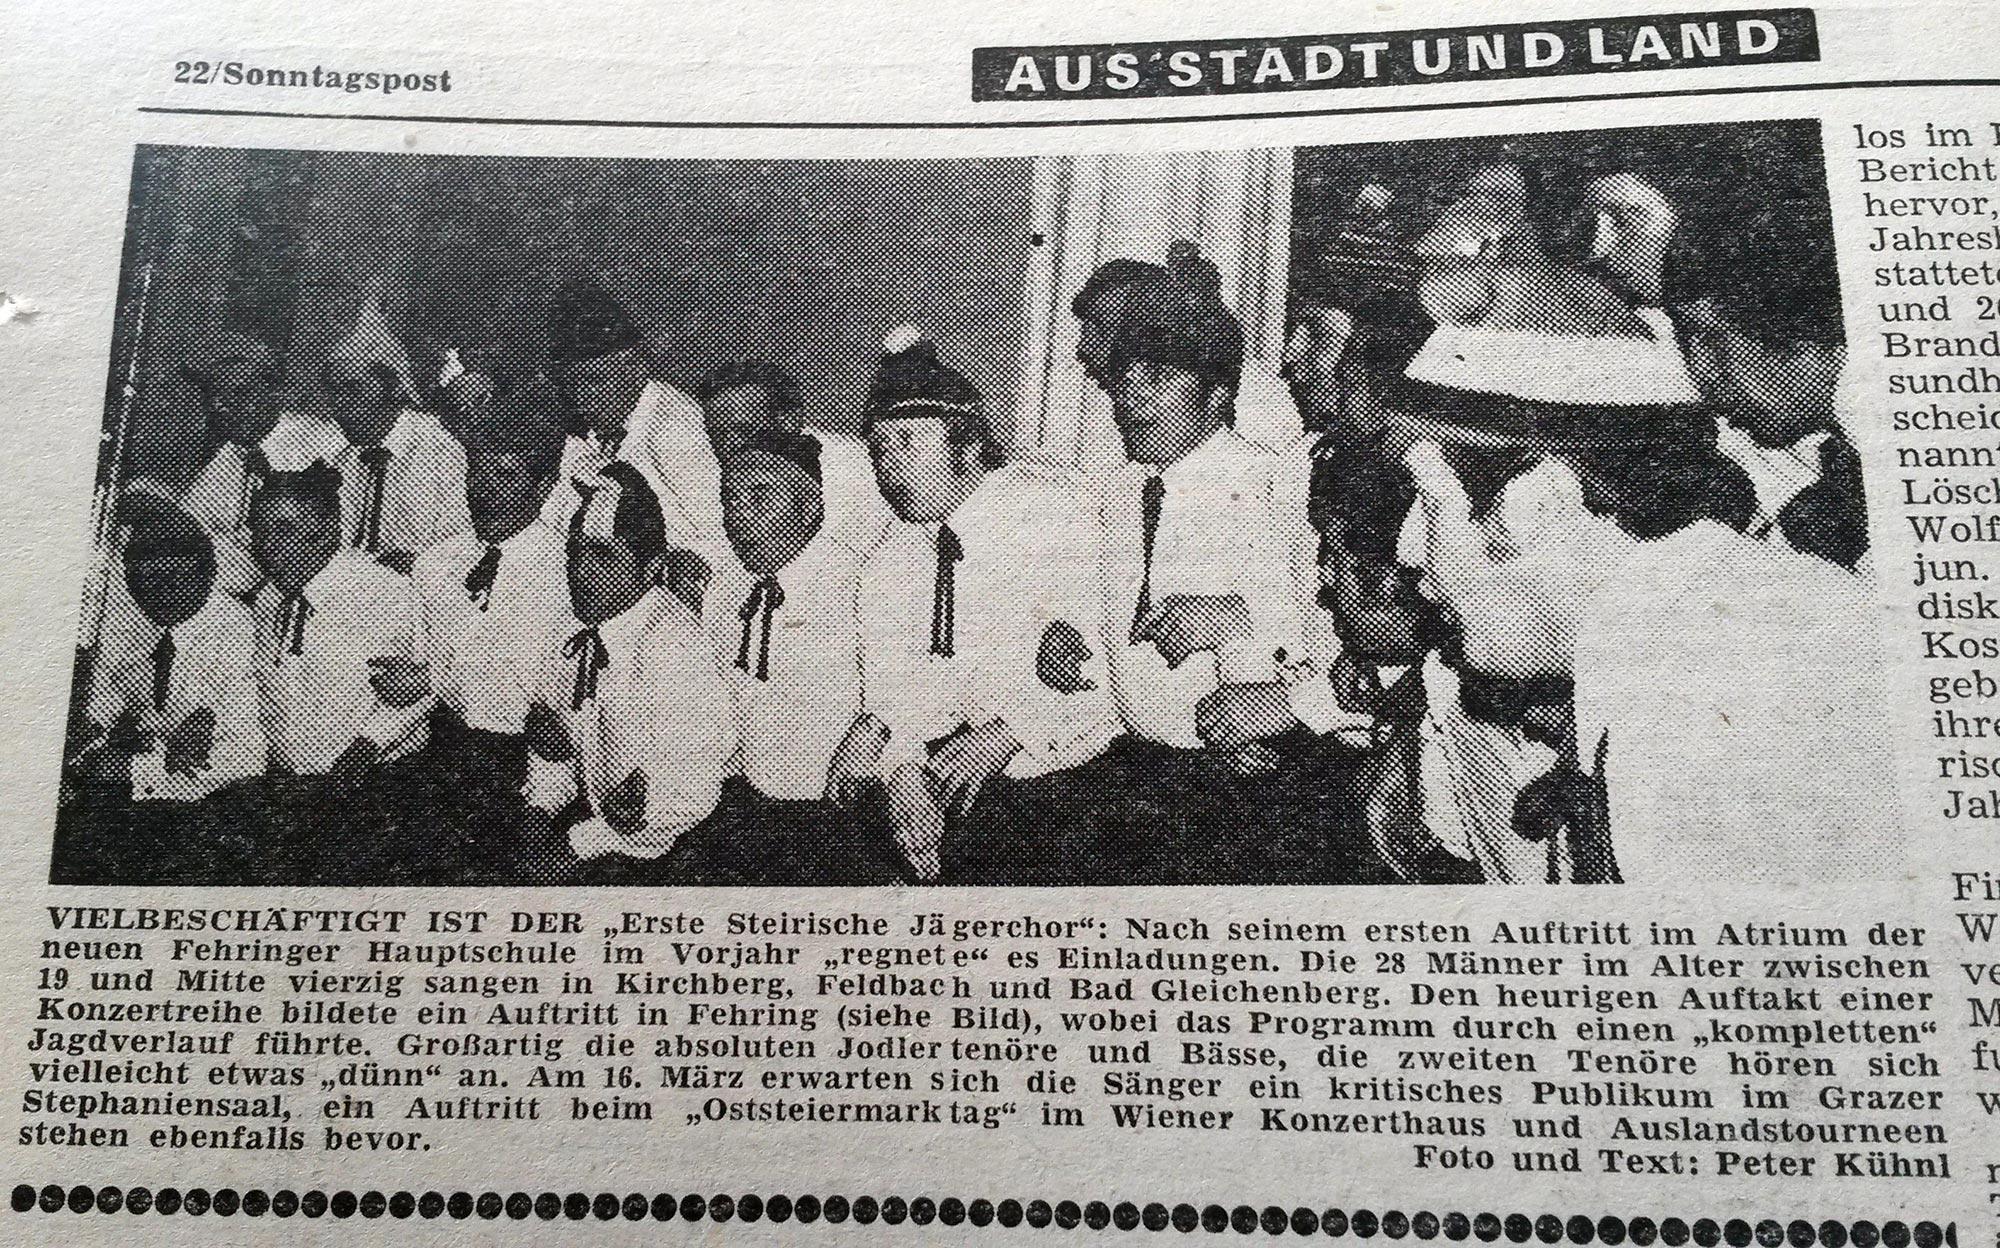 Der Steierische Jägerchor im Jahr 1974